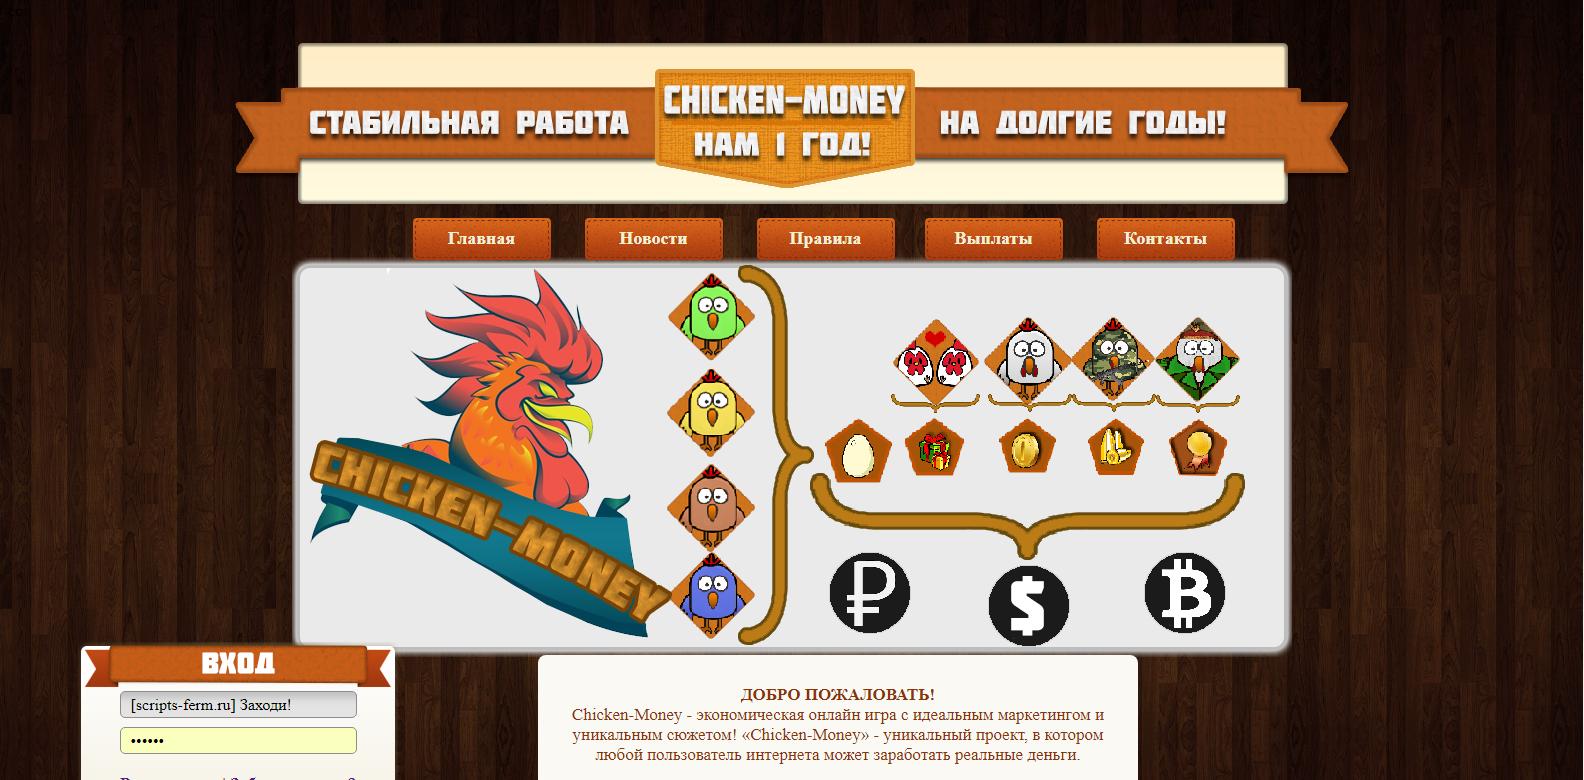 Скрипт экономической игры chicken money